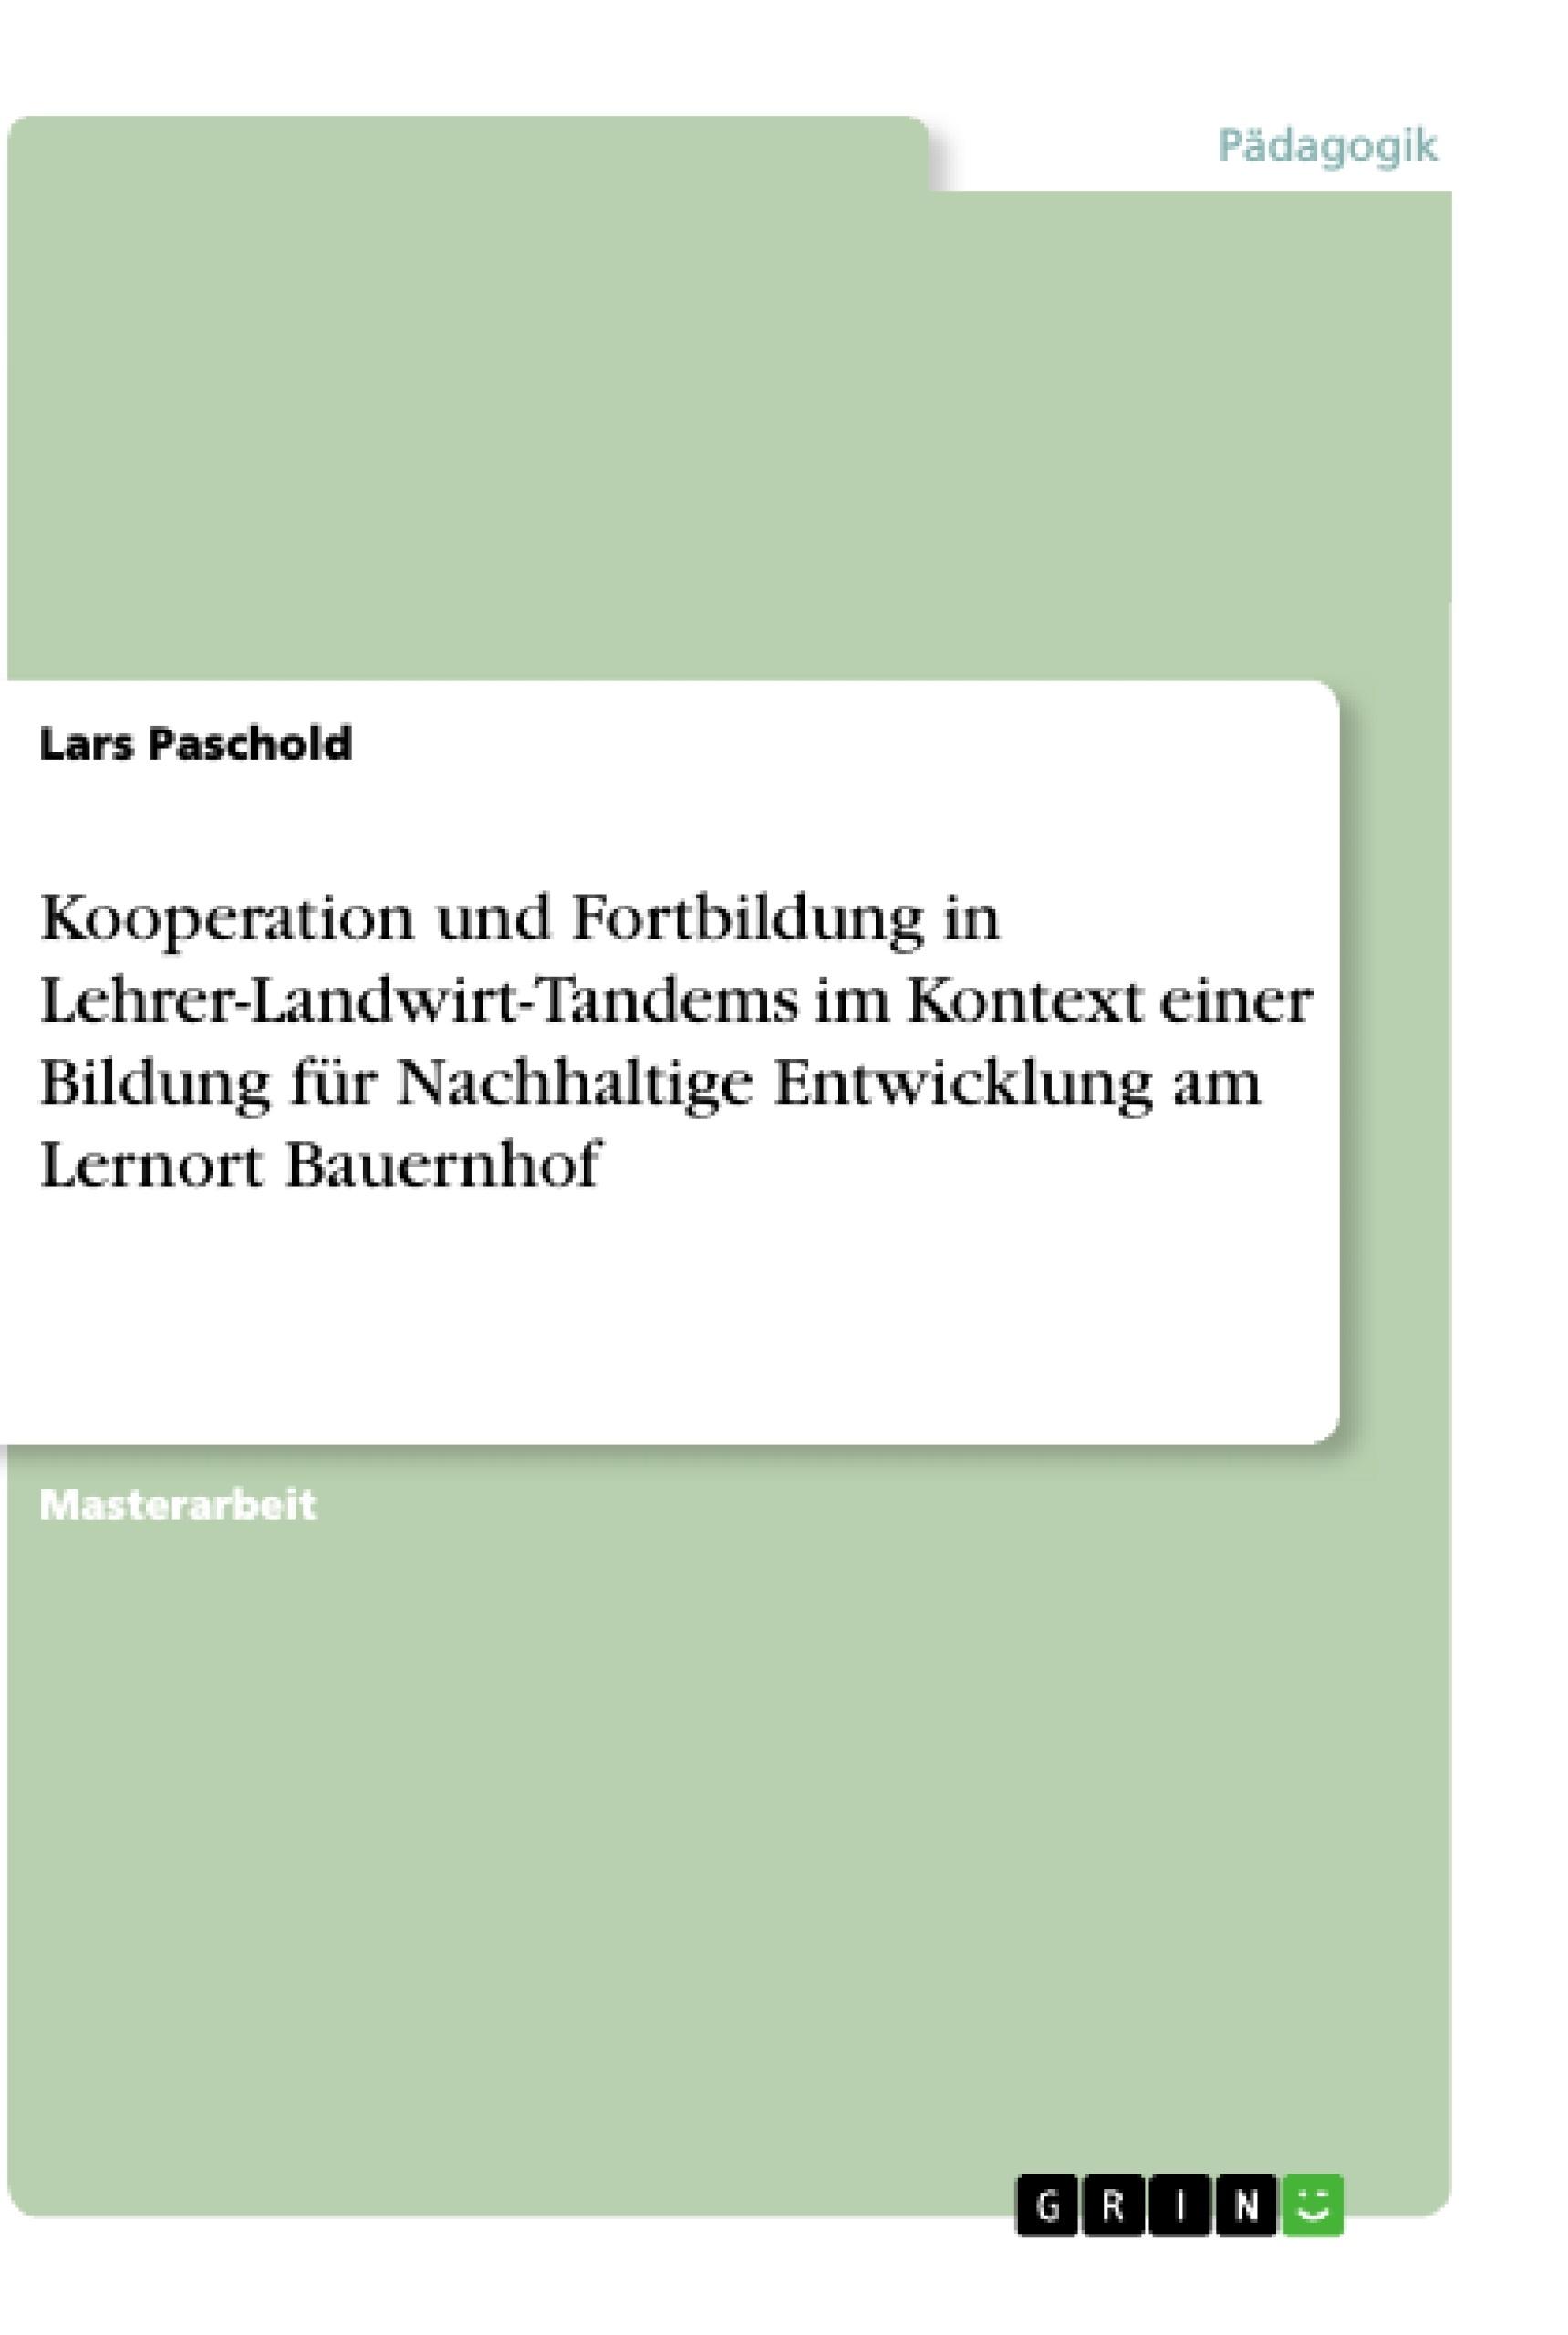 Titel: Kooperation und Fortbildung in Lehrer-Landwirt-Tandems im Kontext einer Bildung für Nachhaltige Entwicklung am Lernort Bauernhof